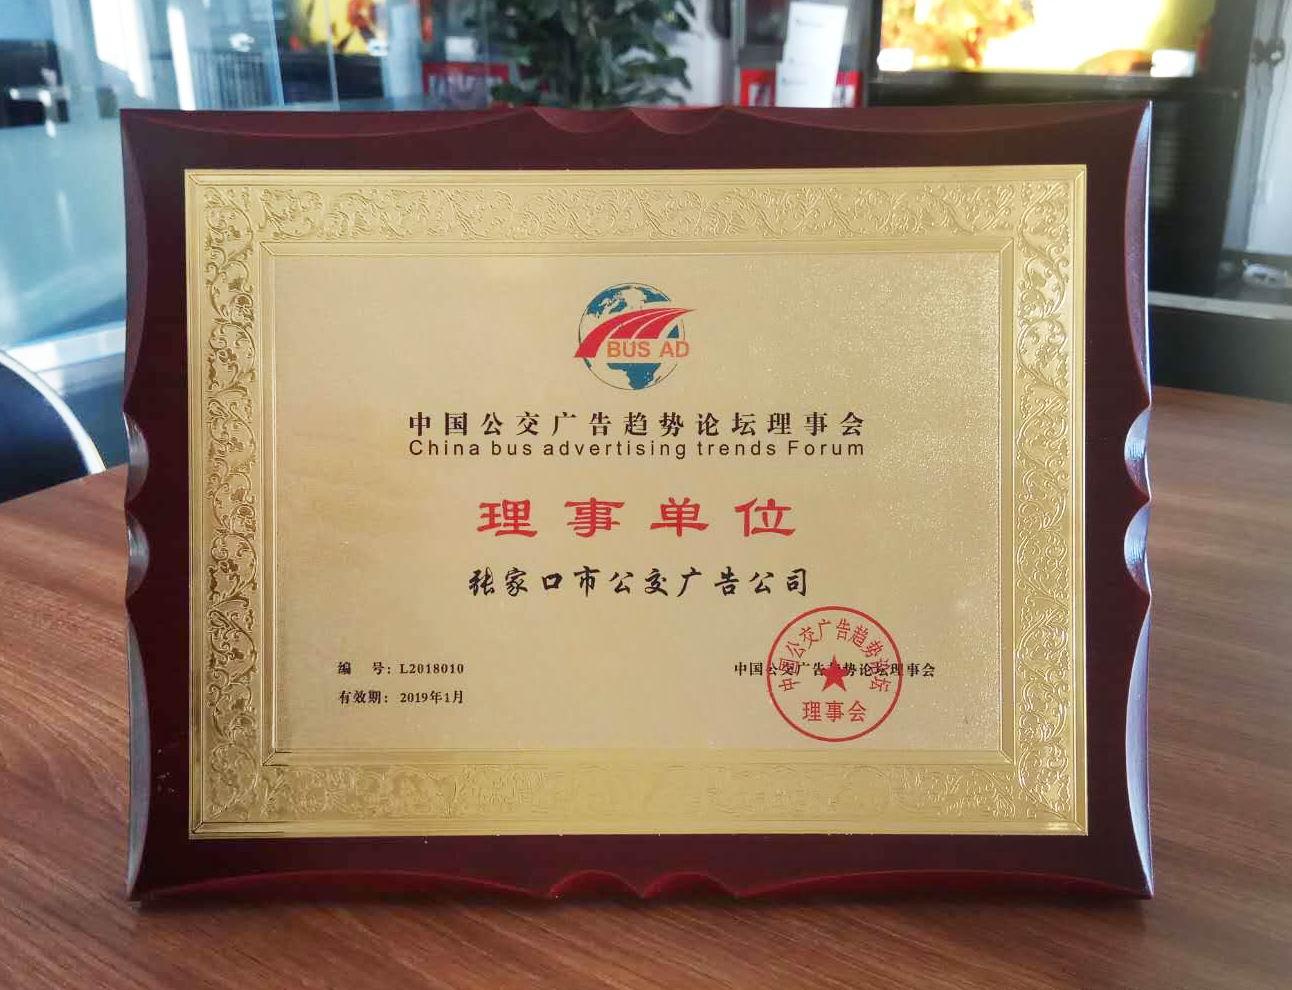 荣获中国公交广告趋势论坛理事会理事单位